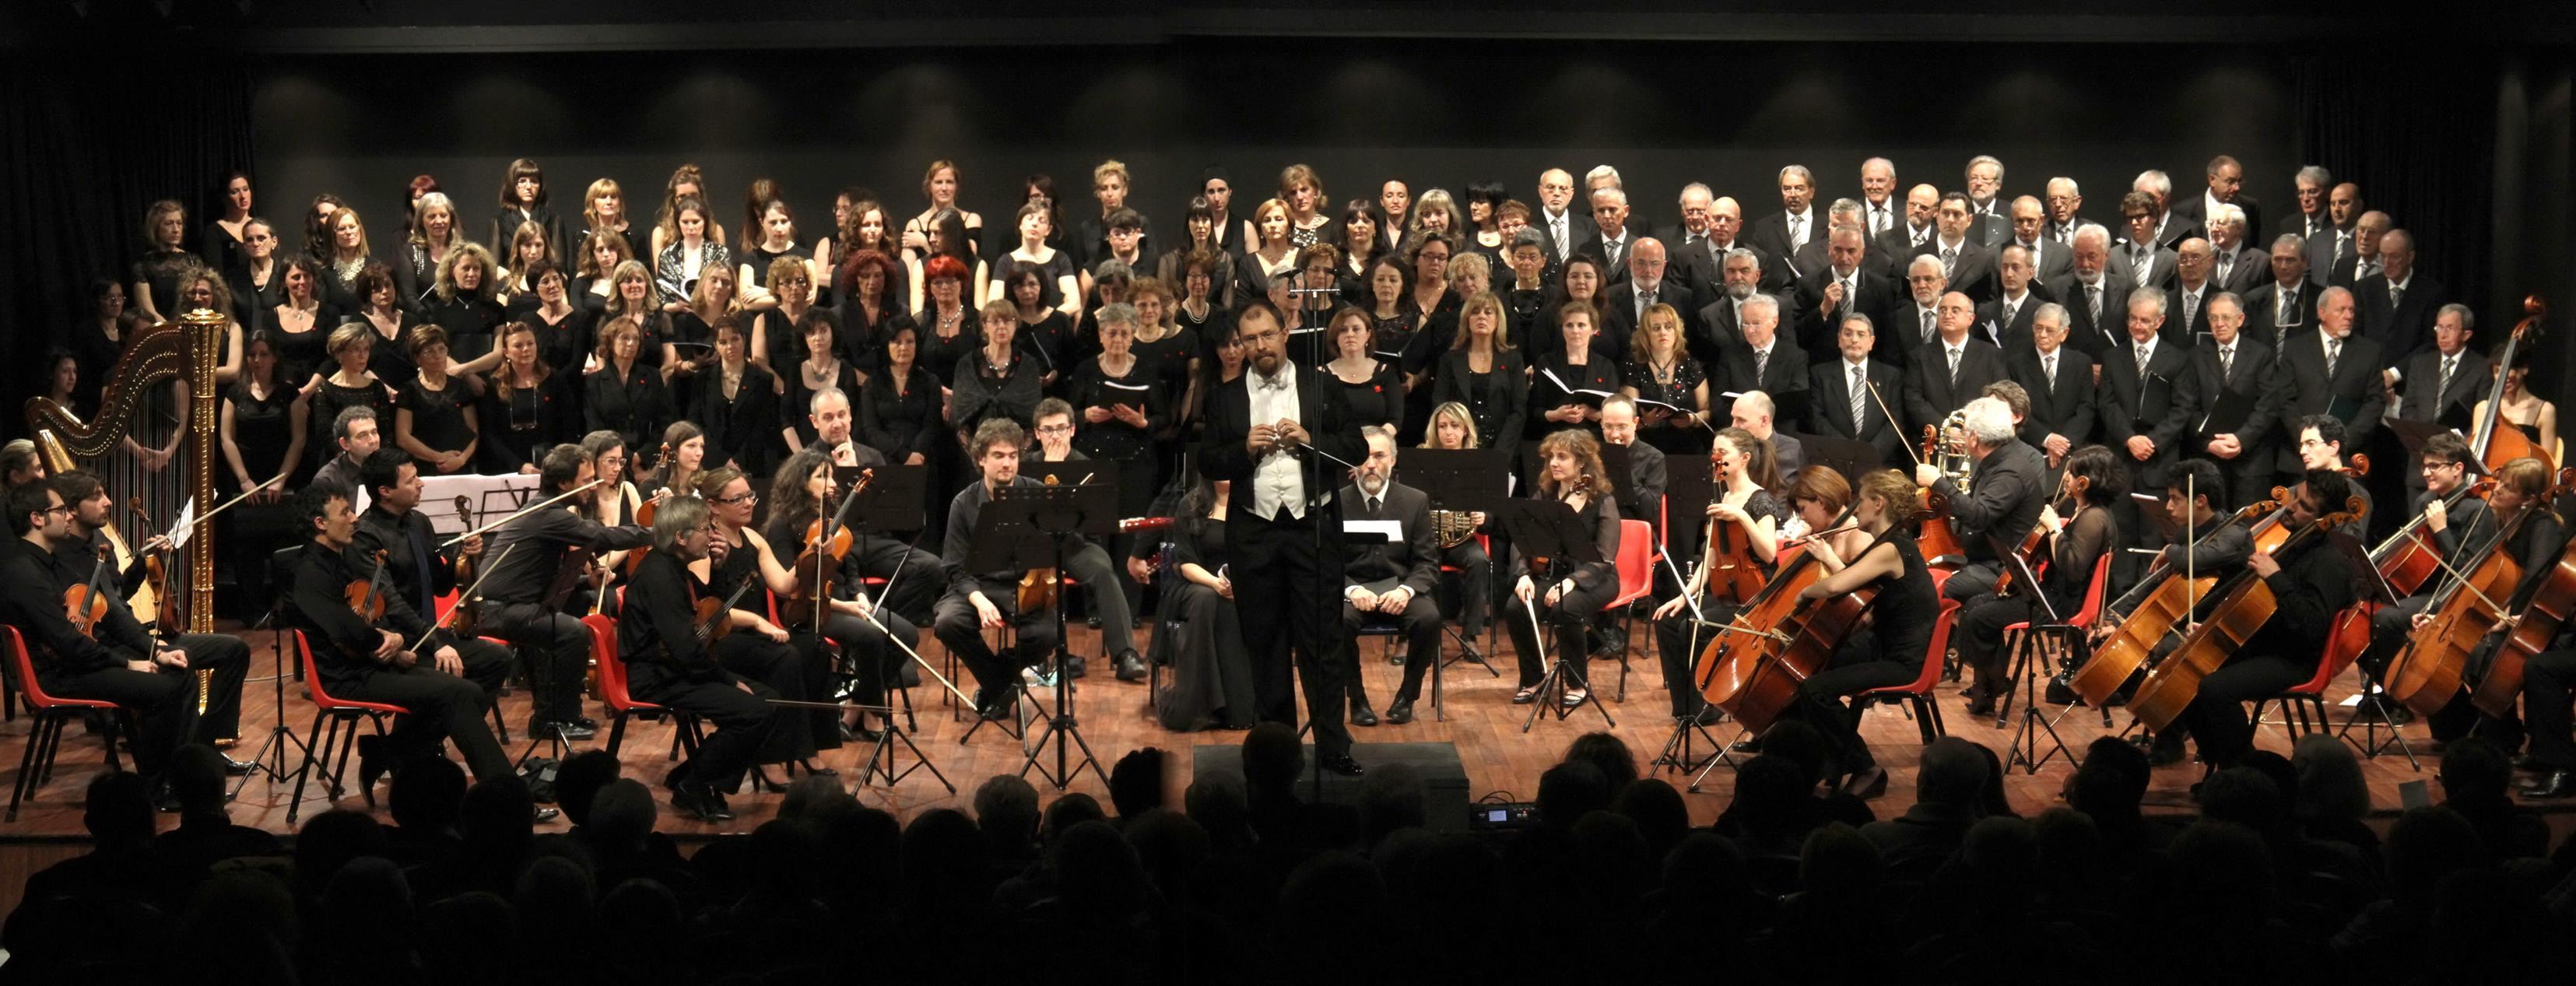 Il 14 maggio nel Teatro Sociale di Pinerolo Cappellin dirige il Requiem di Mozart